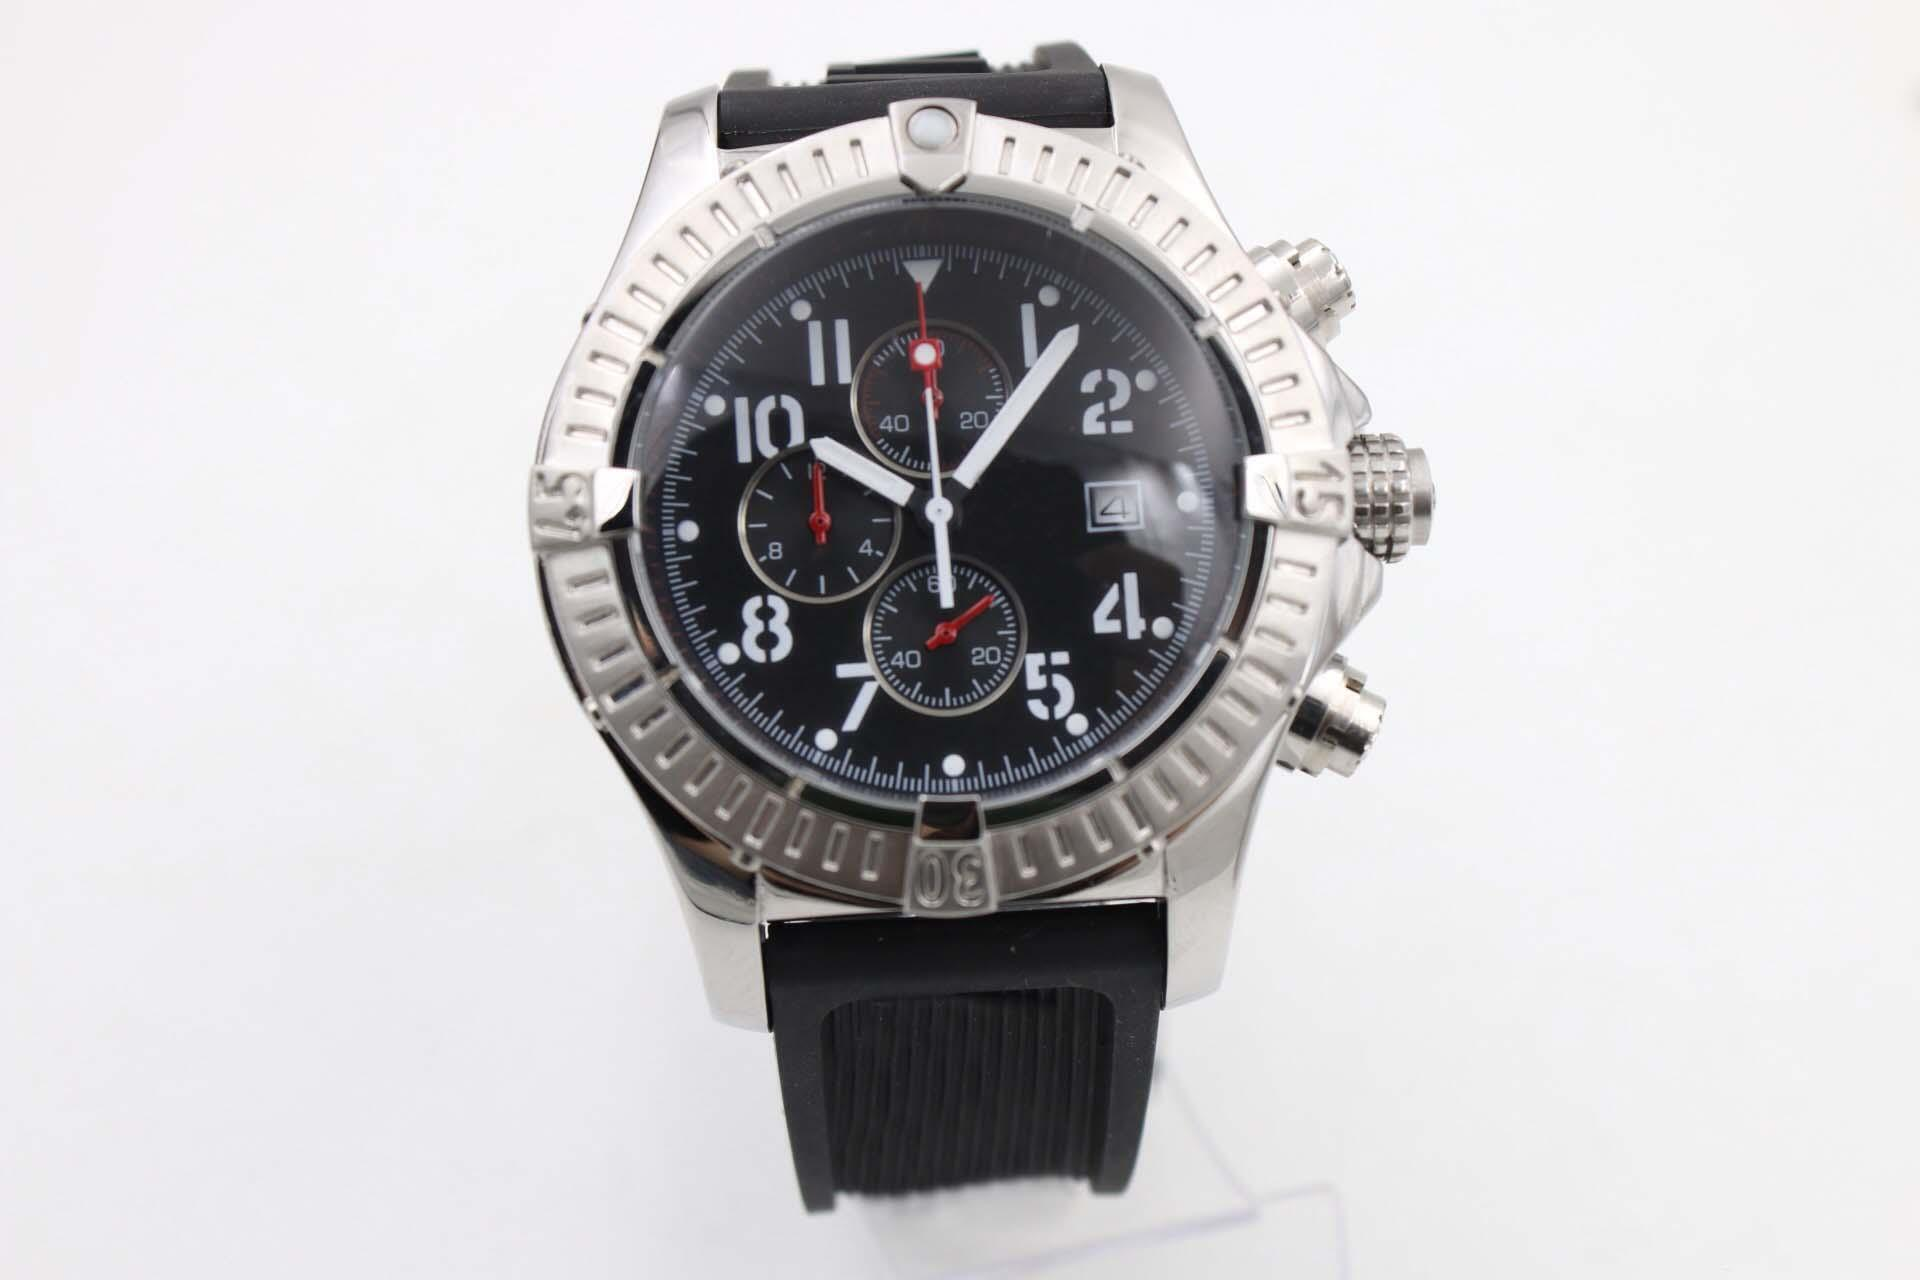 고품질 노인은 보복 시리즈 A1338012 / F548 (다이버 프로 깊은 잠재 고무 스트랩) 쿼츠 크로노 그래프 시계 다이빙 시계를보고